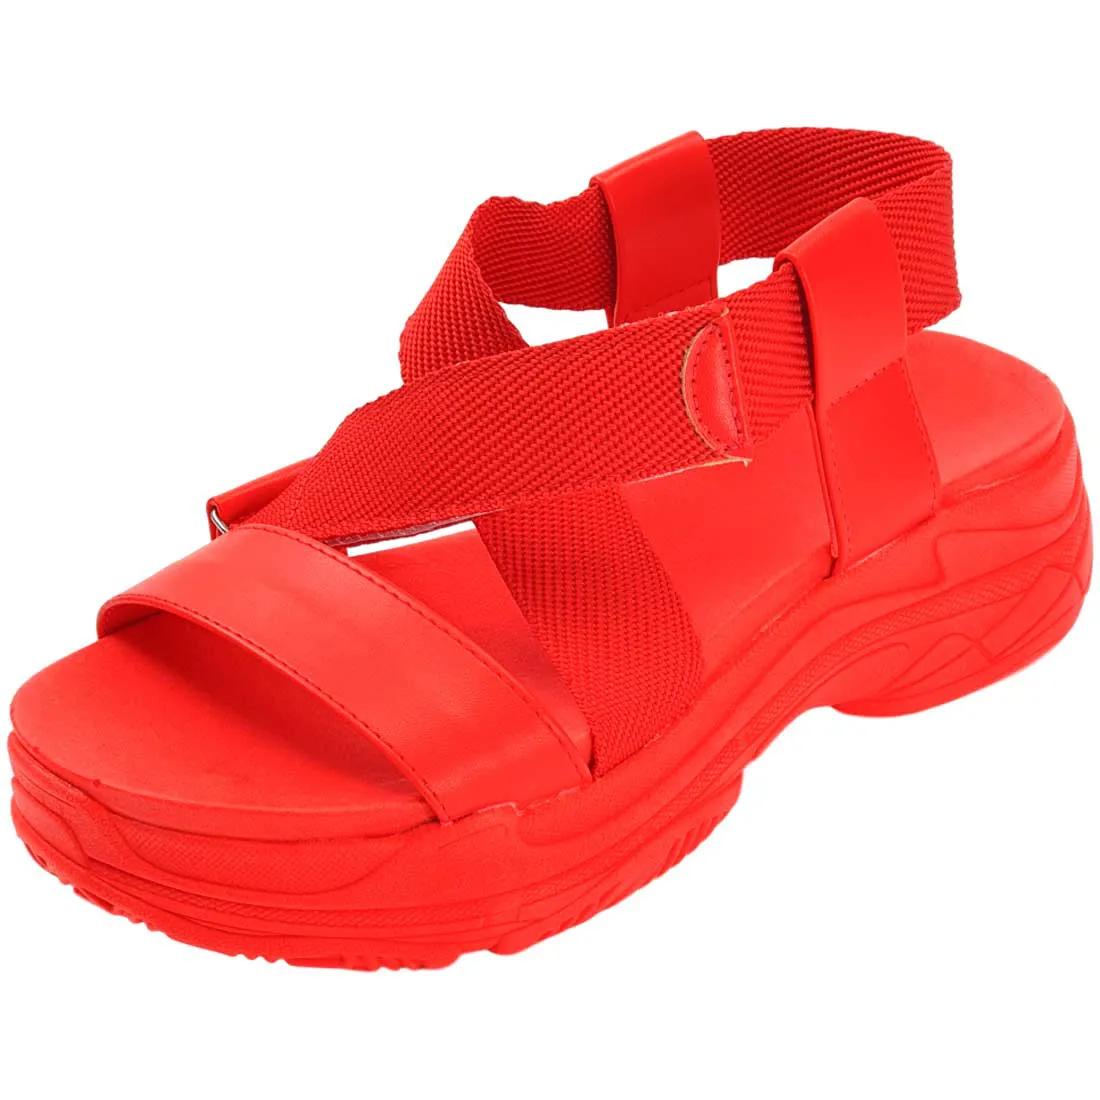 Sandalia Papete Manu Chunky - Vermelha